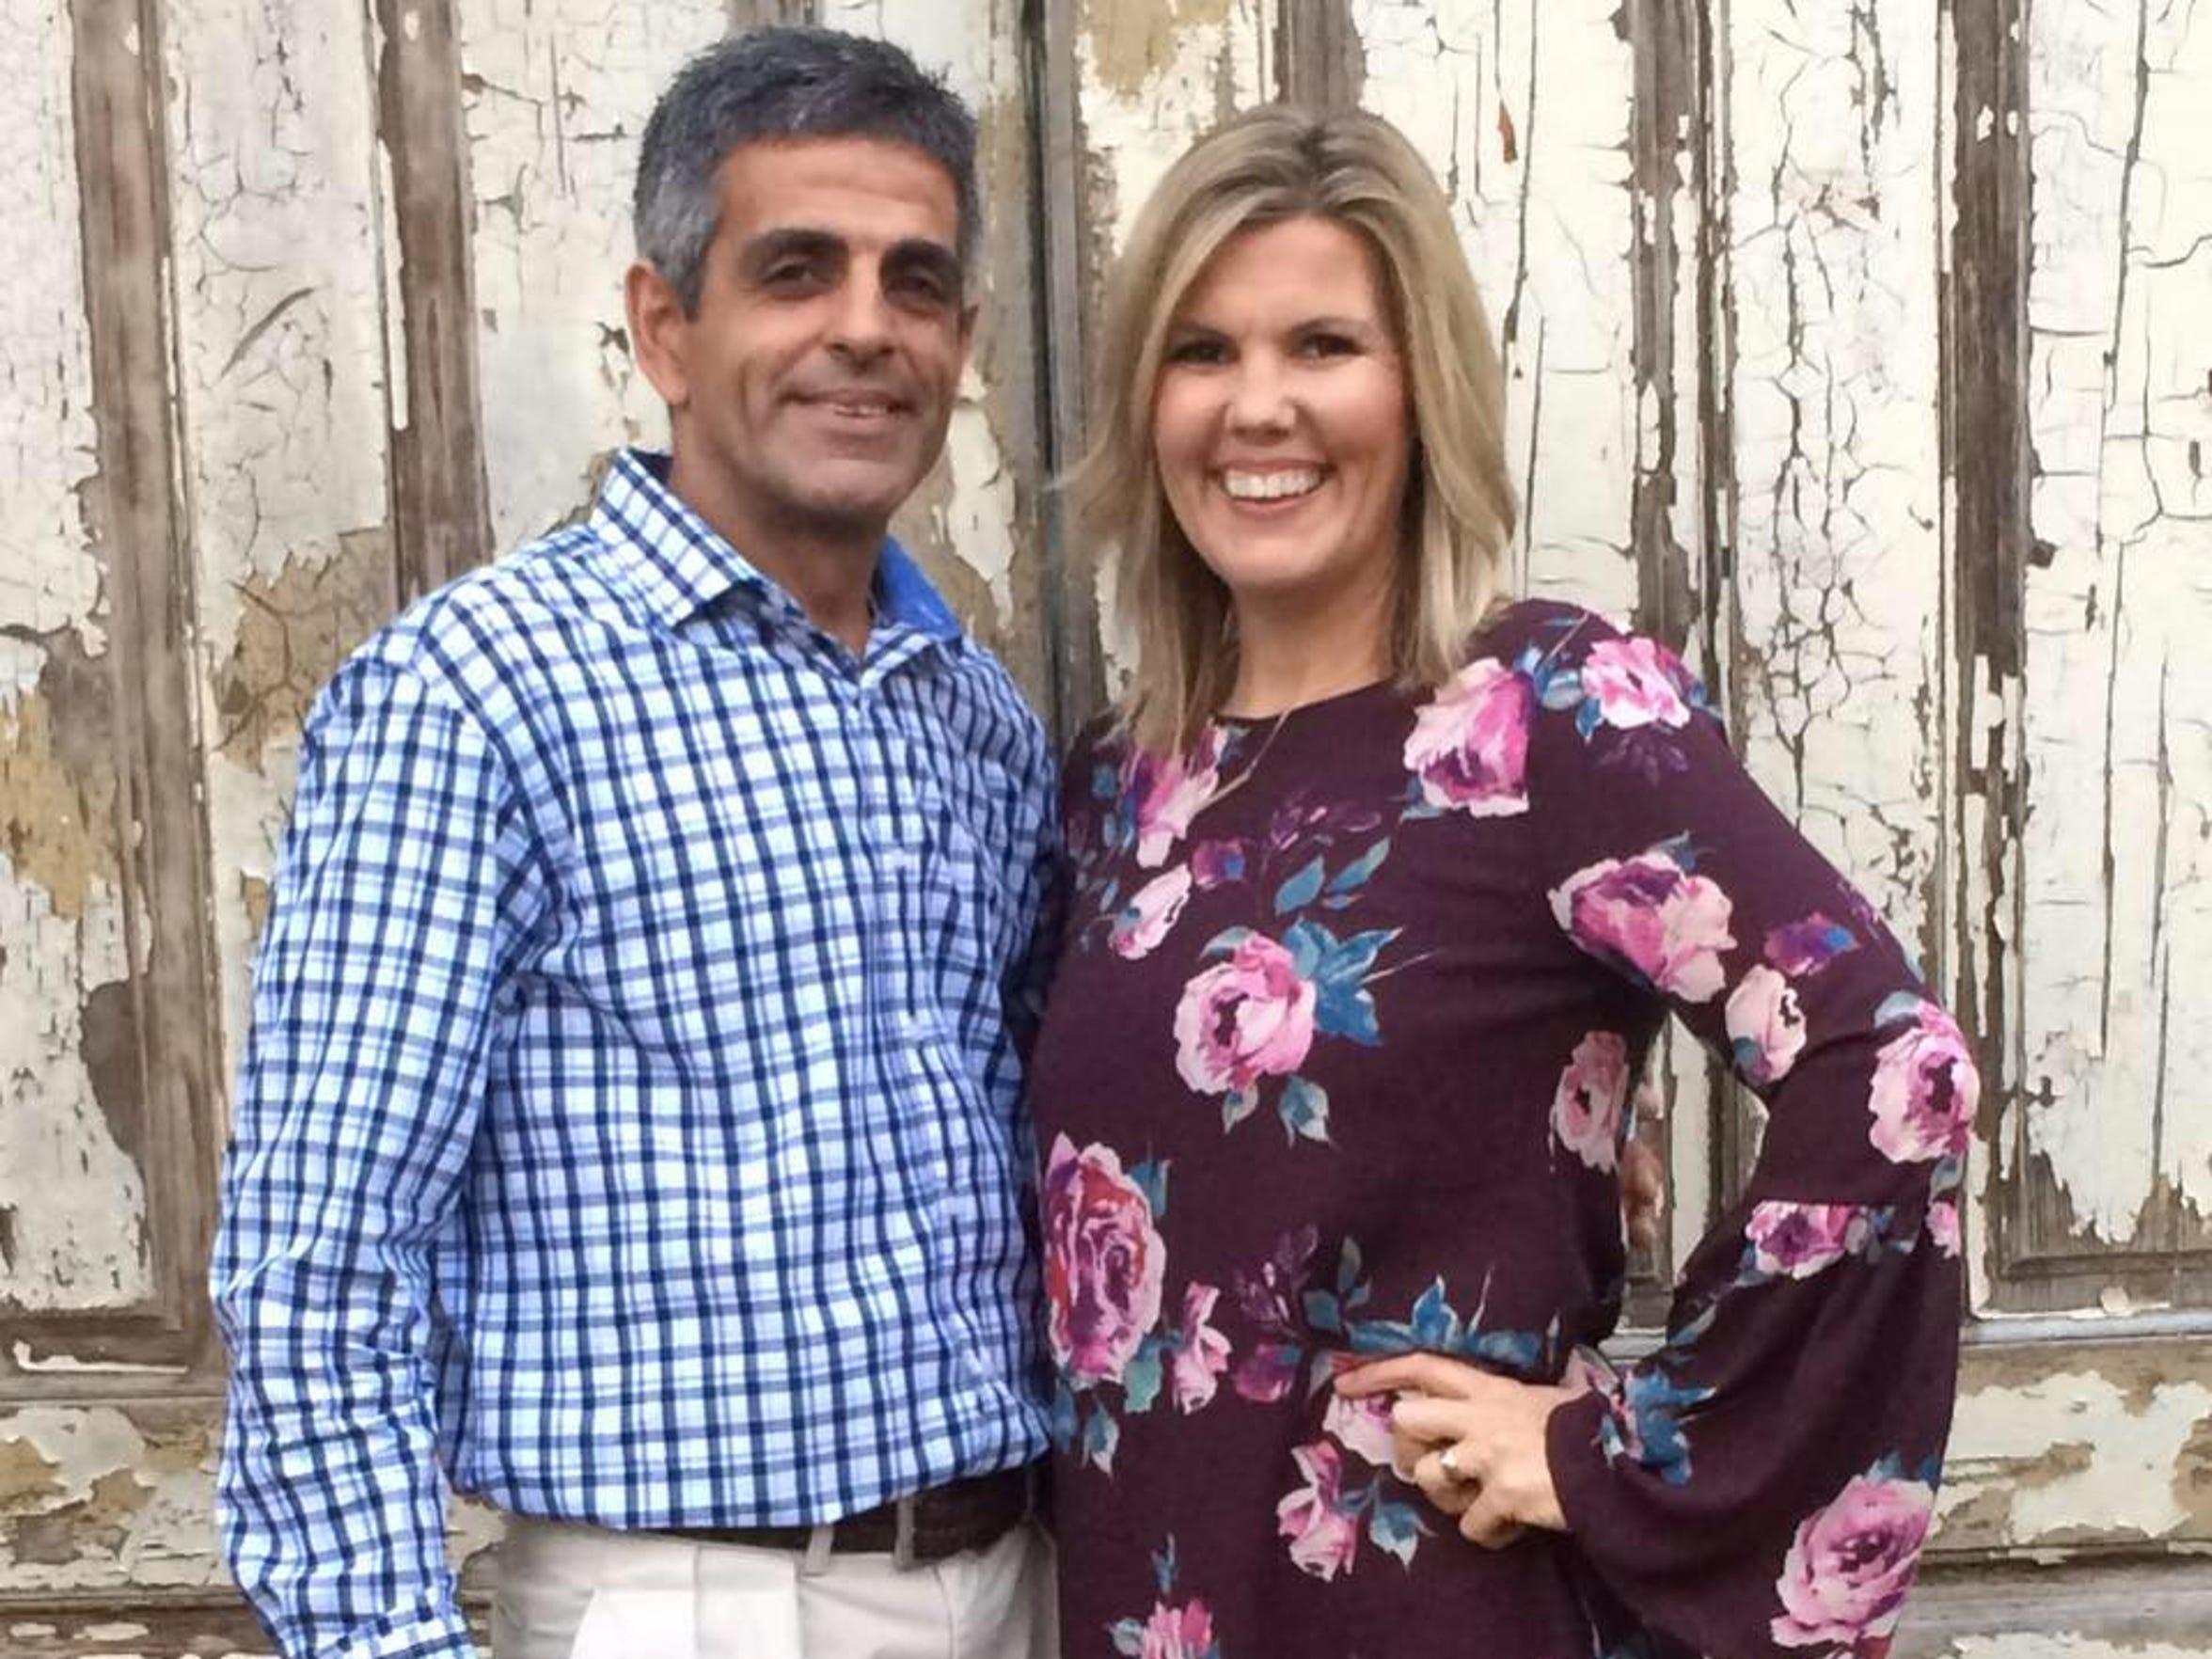 Deportation dragnet ensnares North Florida man